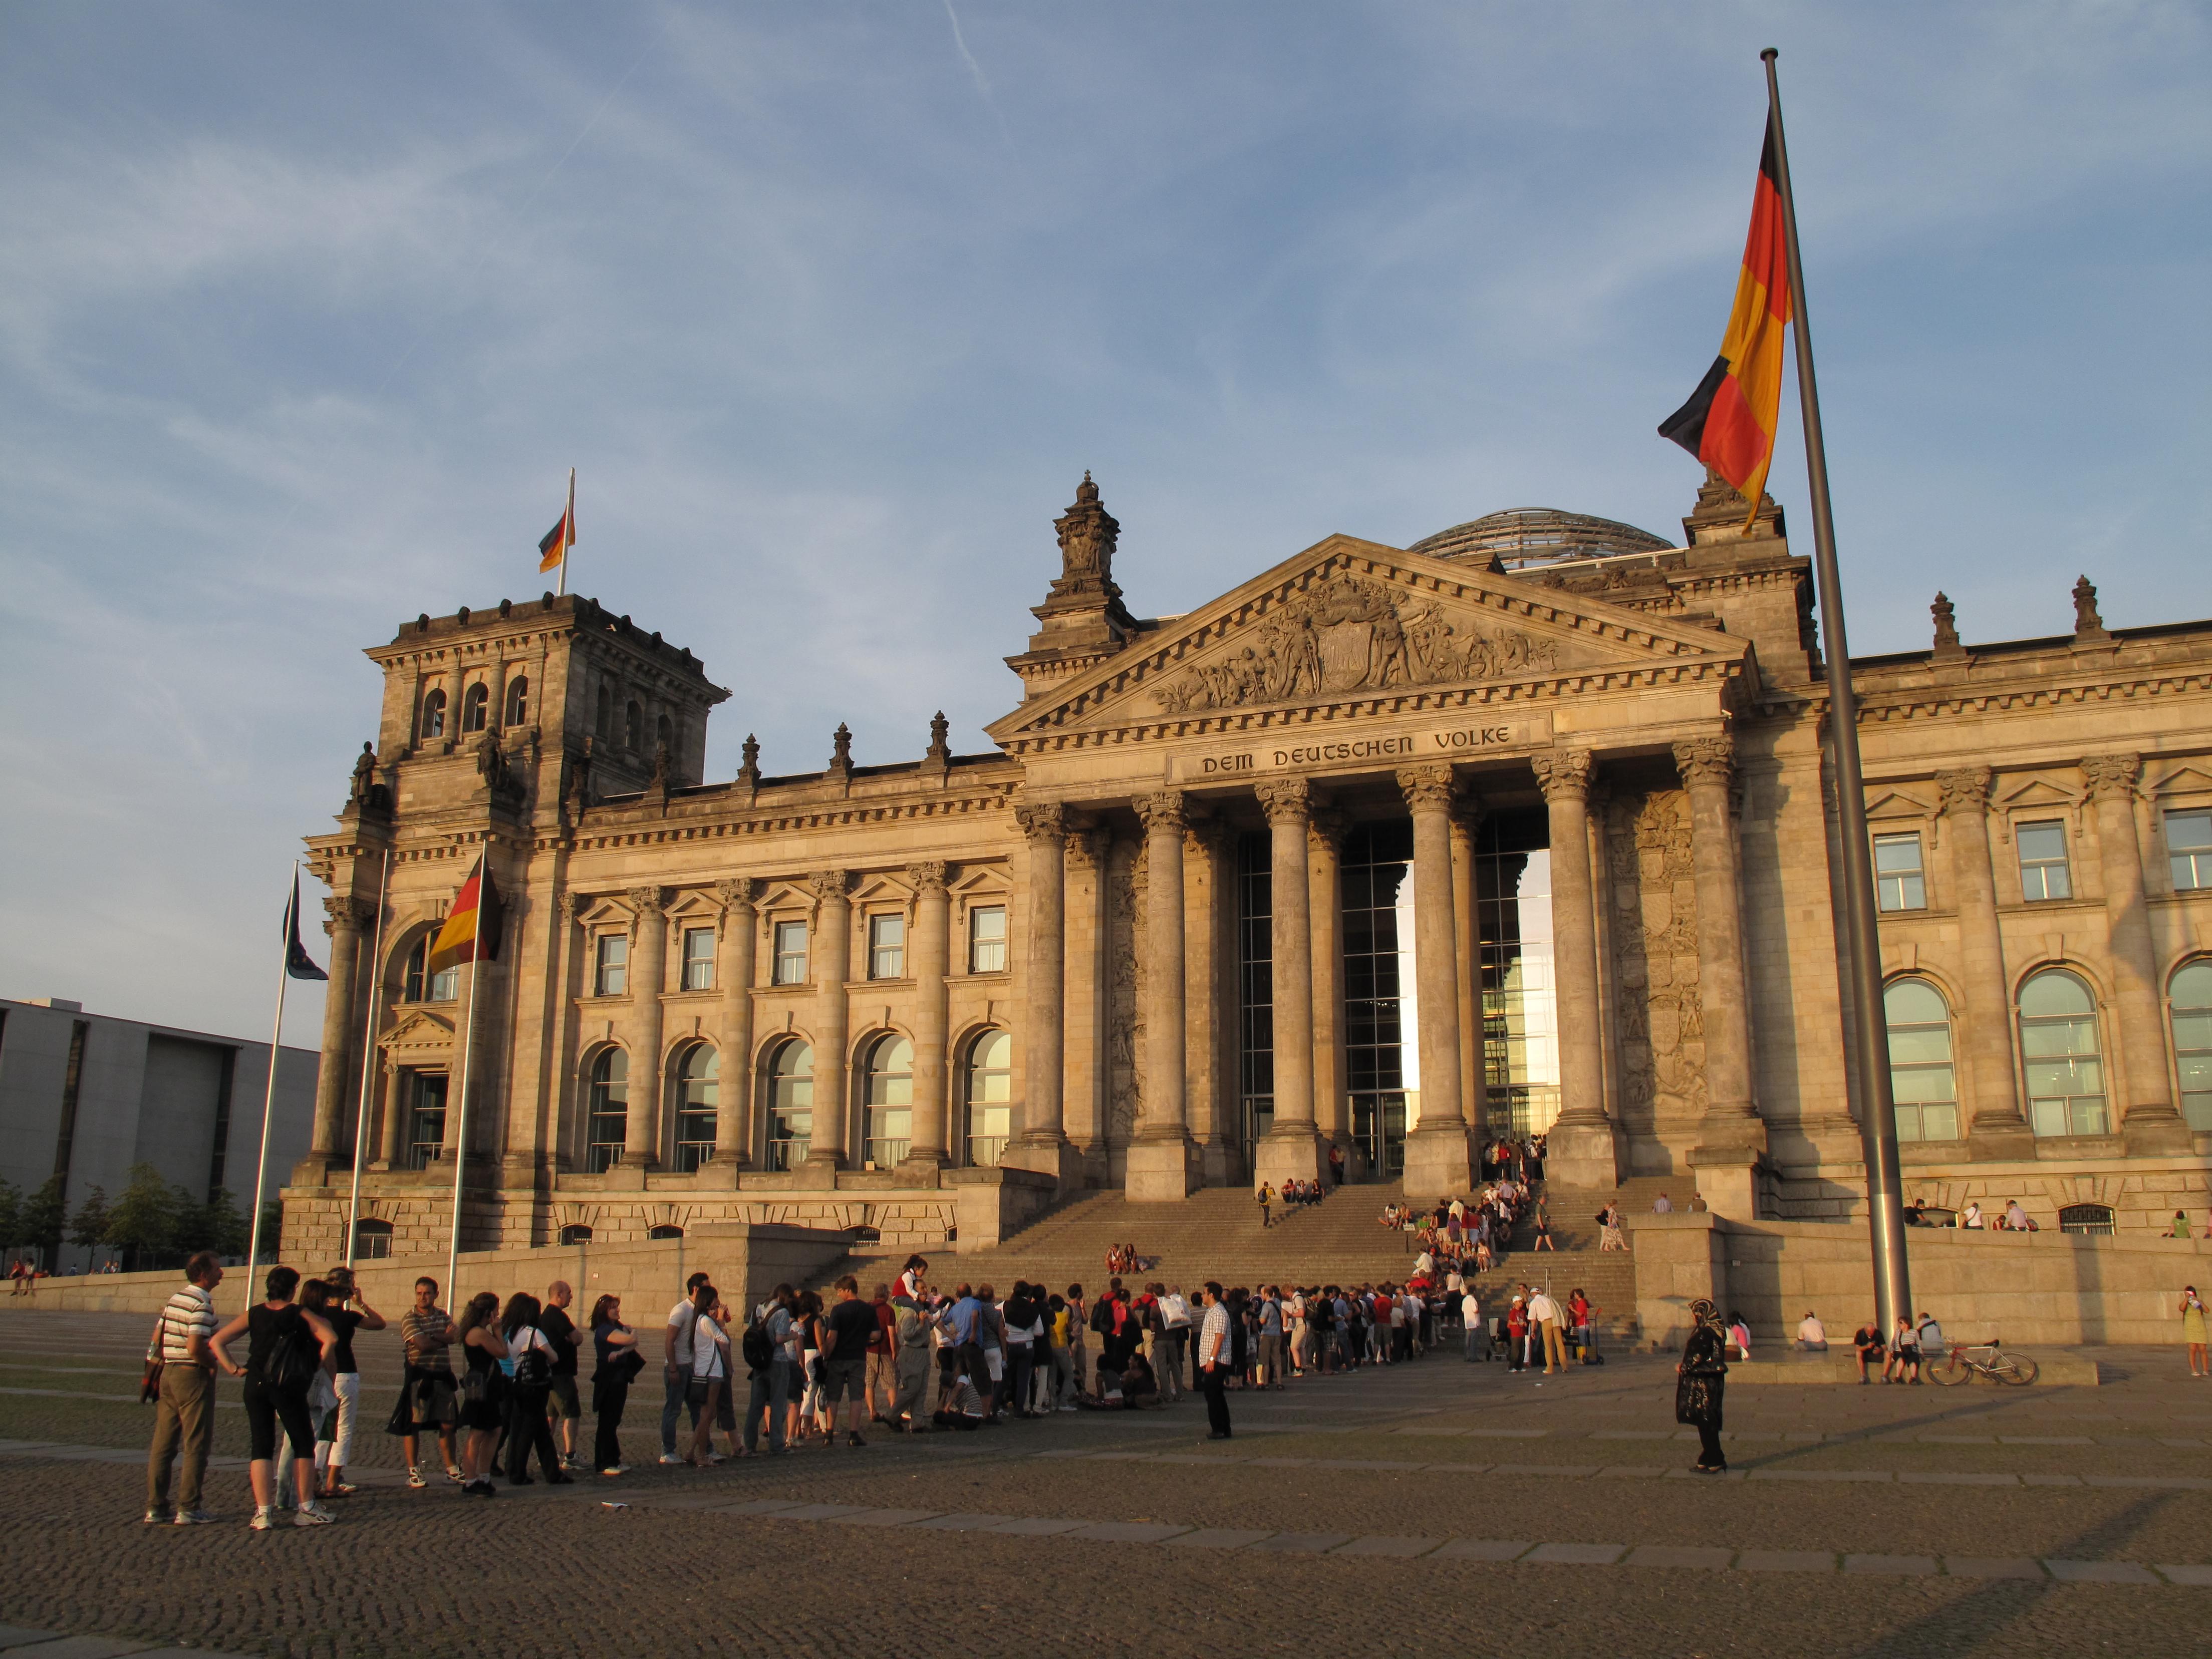 File:Schlange vor dem Reichstagsgebäude Berlin Deutscher ...  File:Schlange v...